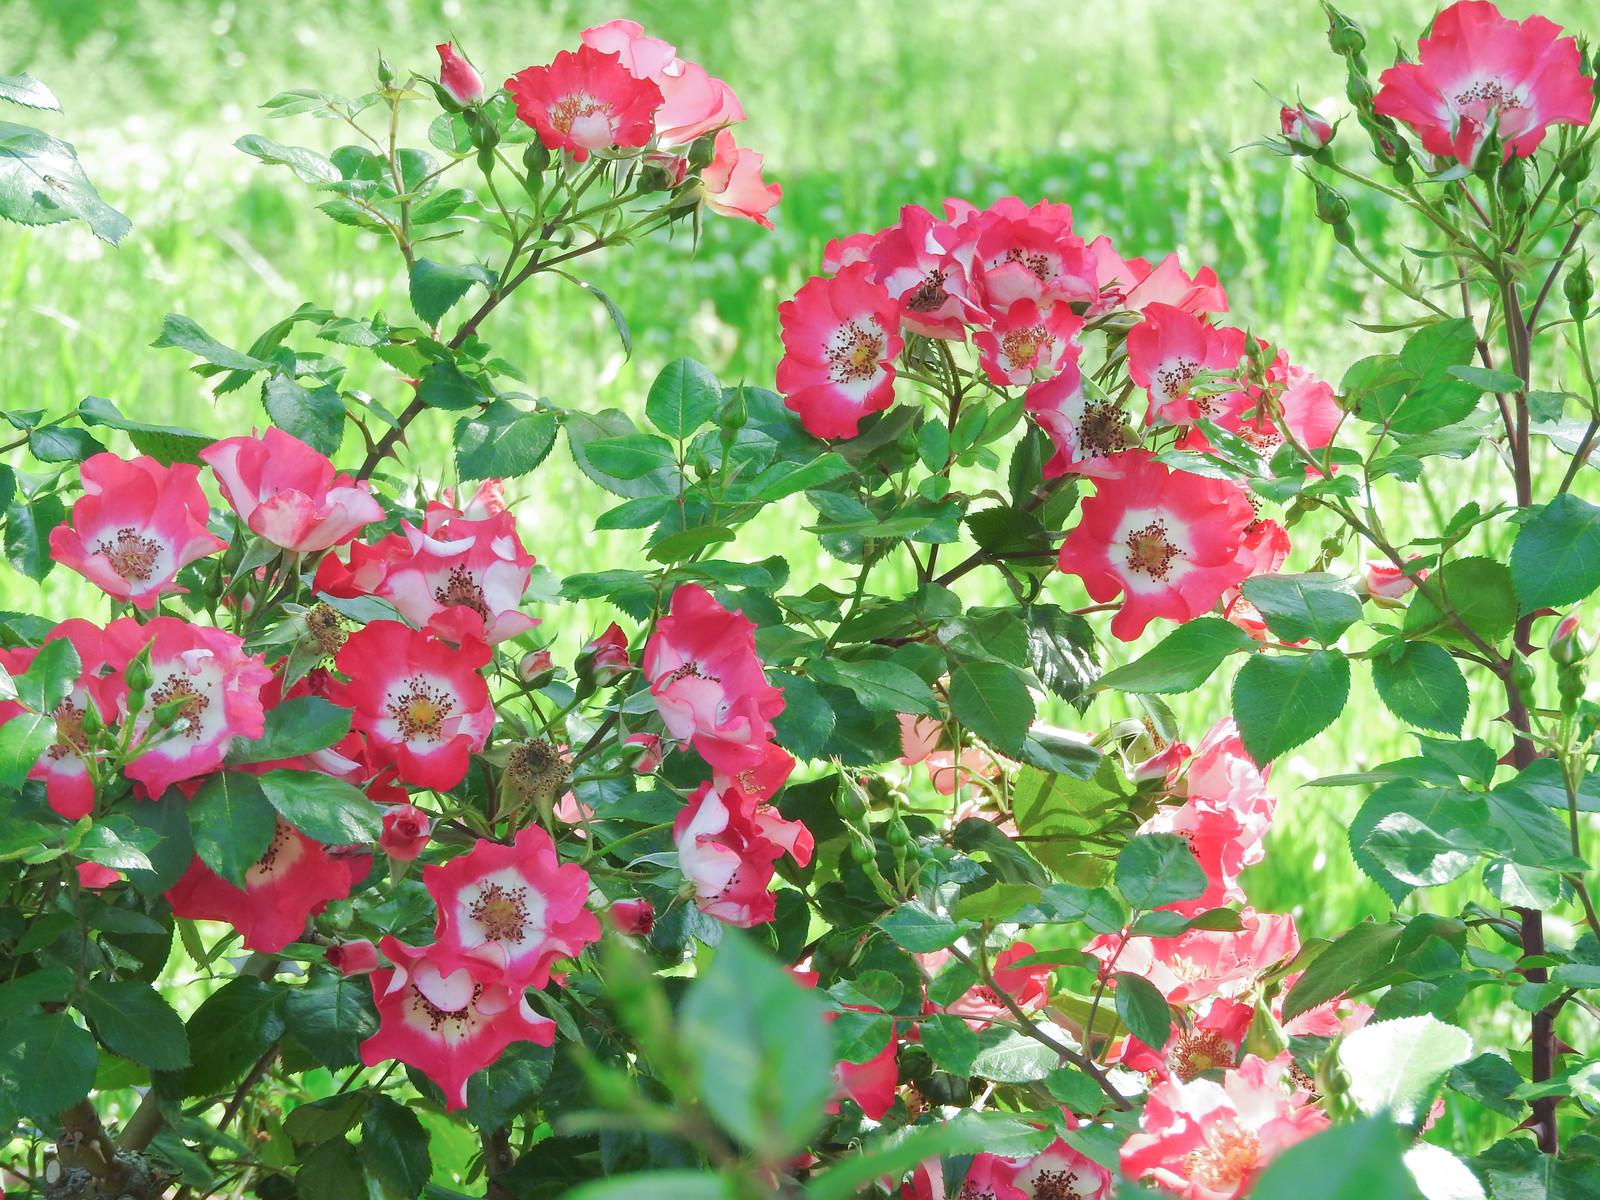 「鮮やかな一重の赤い薔薇」の写真